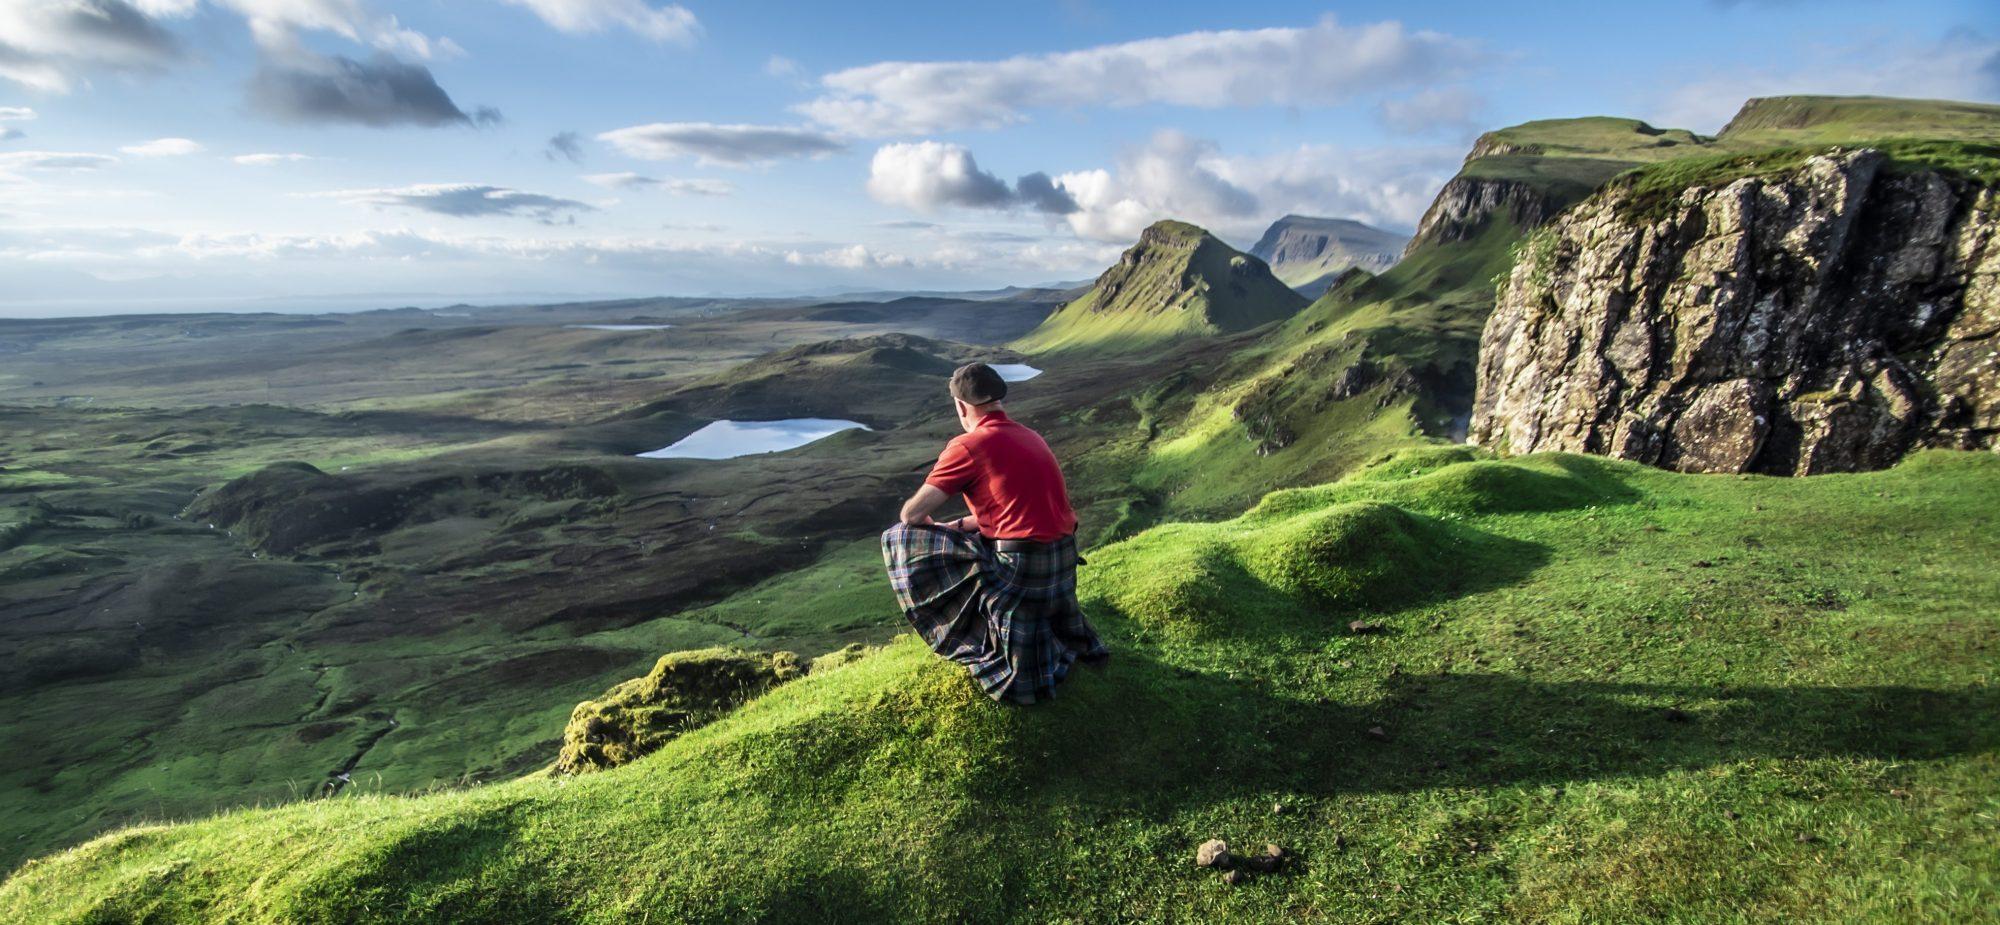 Mountains - Heart of Scotland Tours